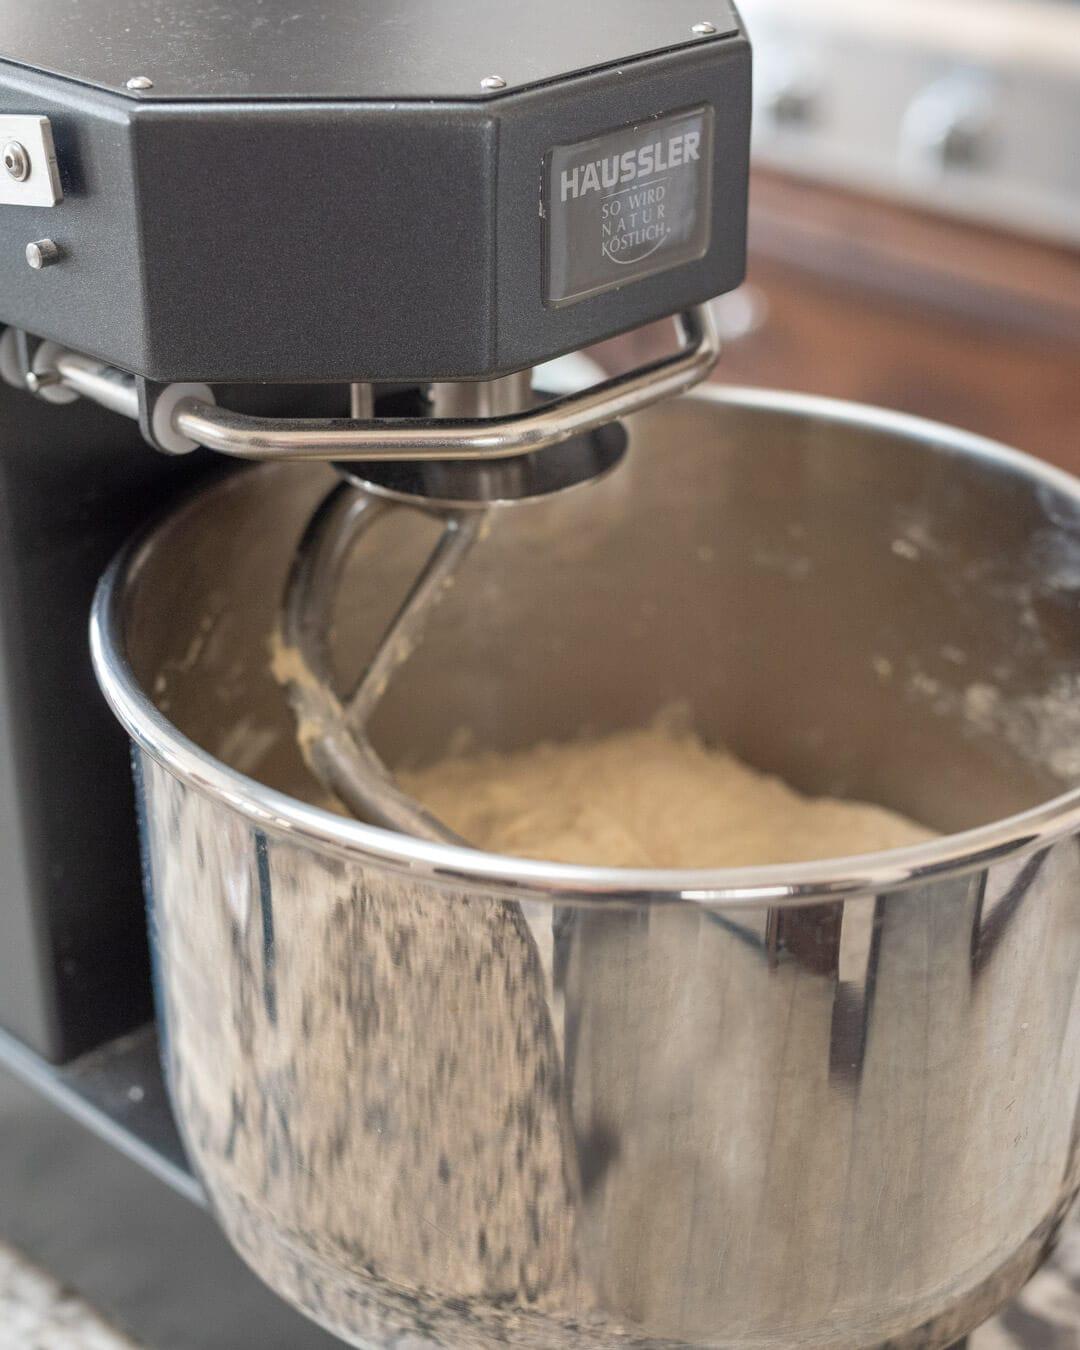 Haussler alpha mixer